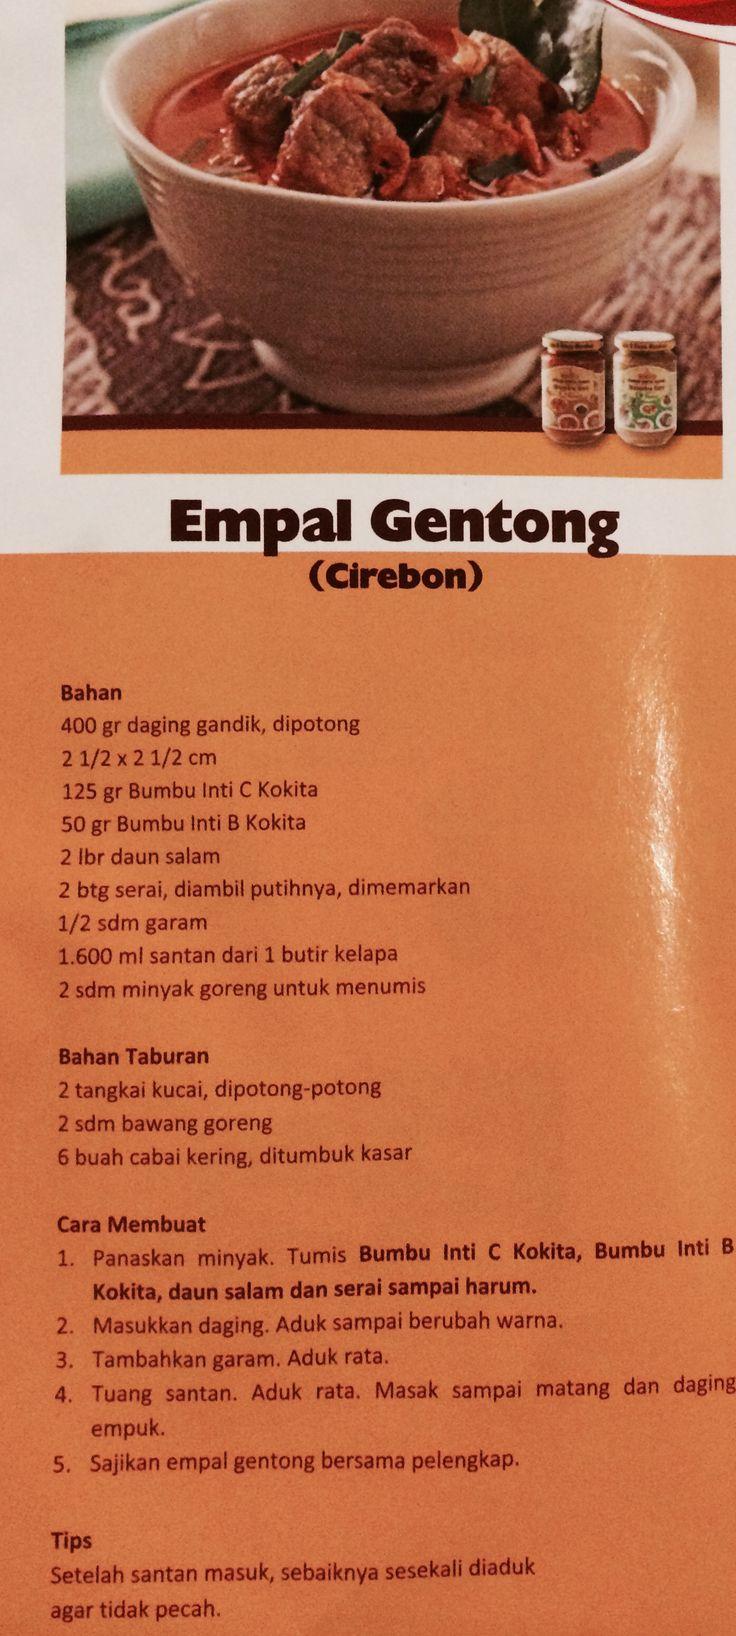 Empal Gentong from Cirebon